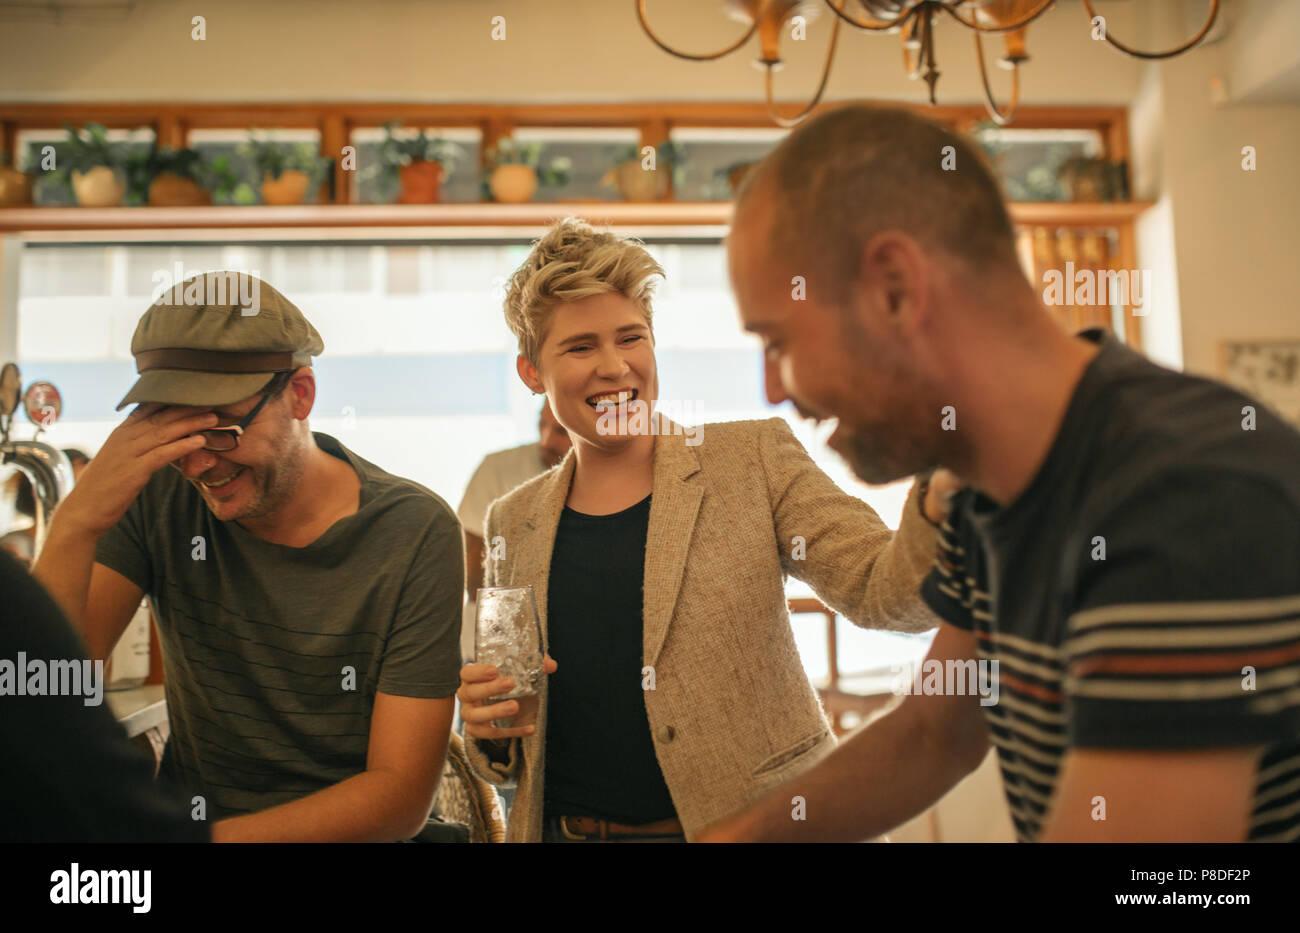 Freunde lachen und Getränke zusammen in einer Bar Stockbild